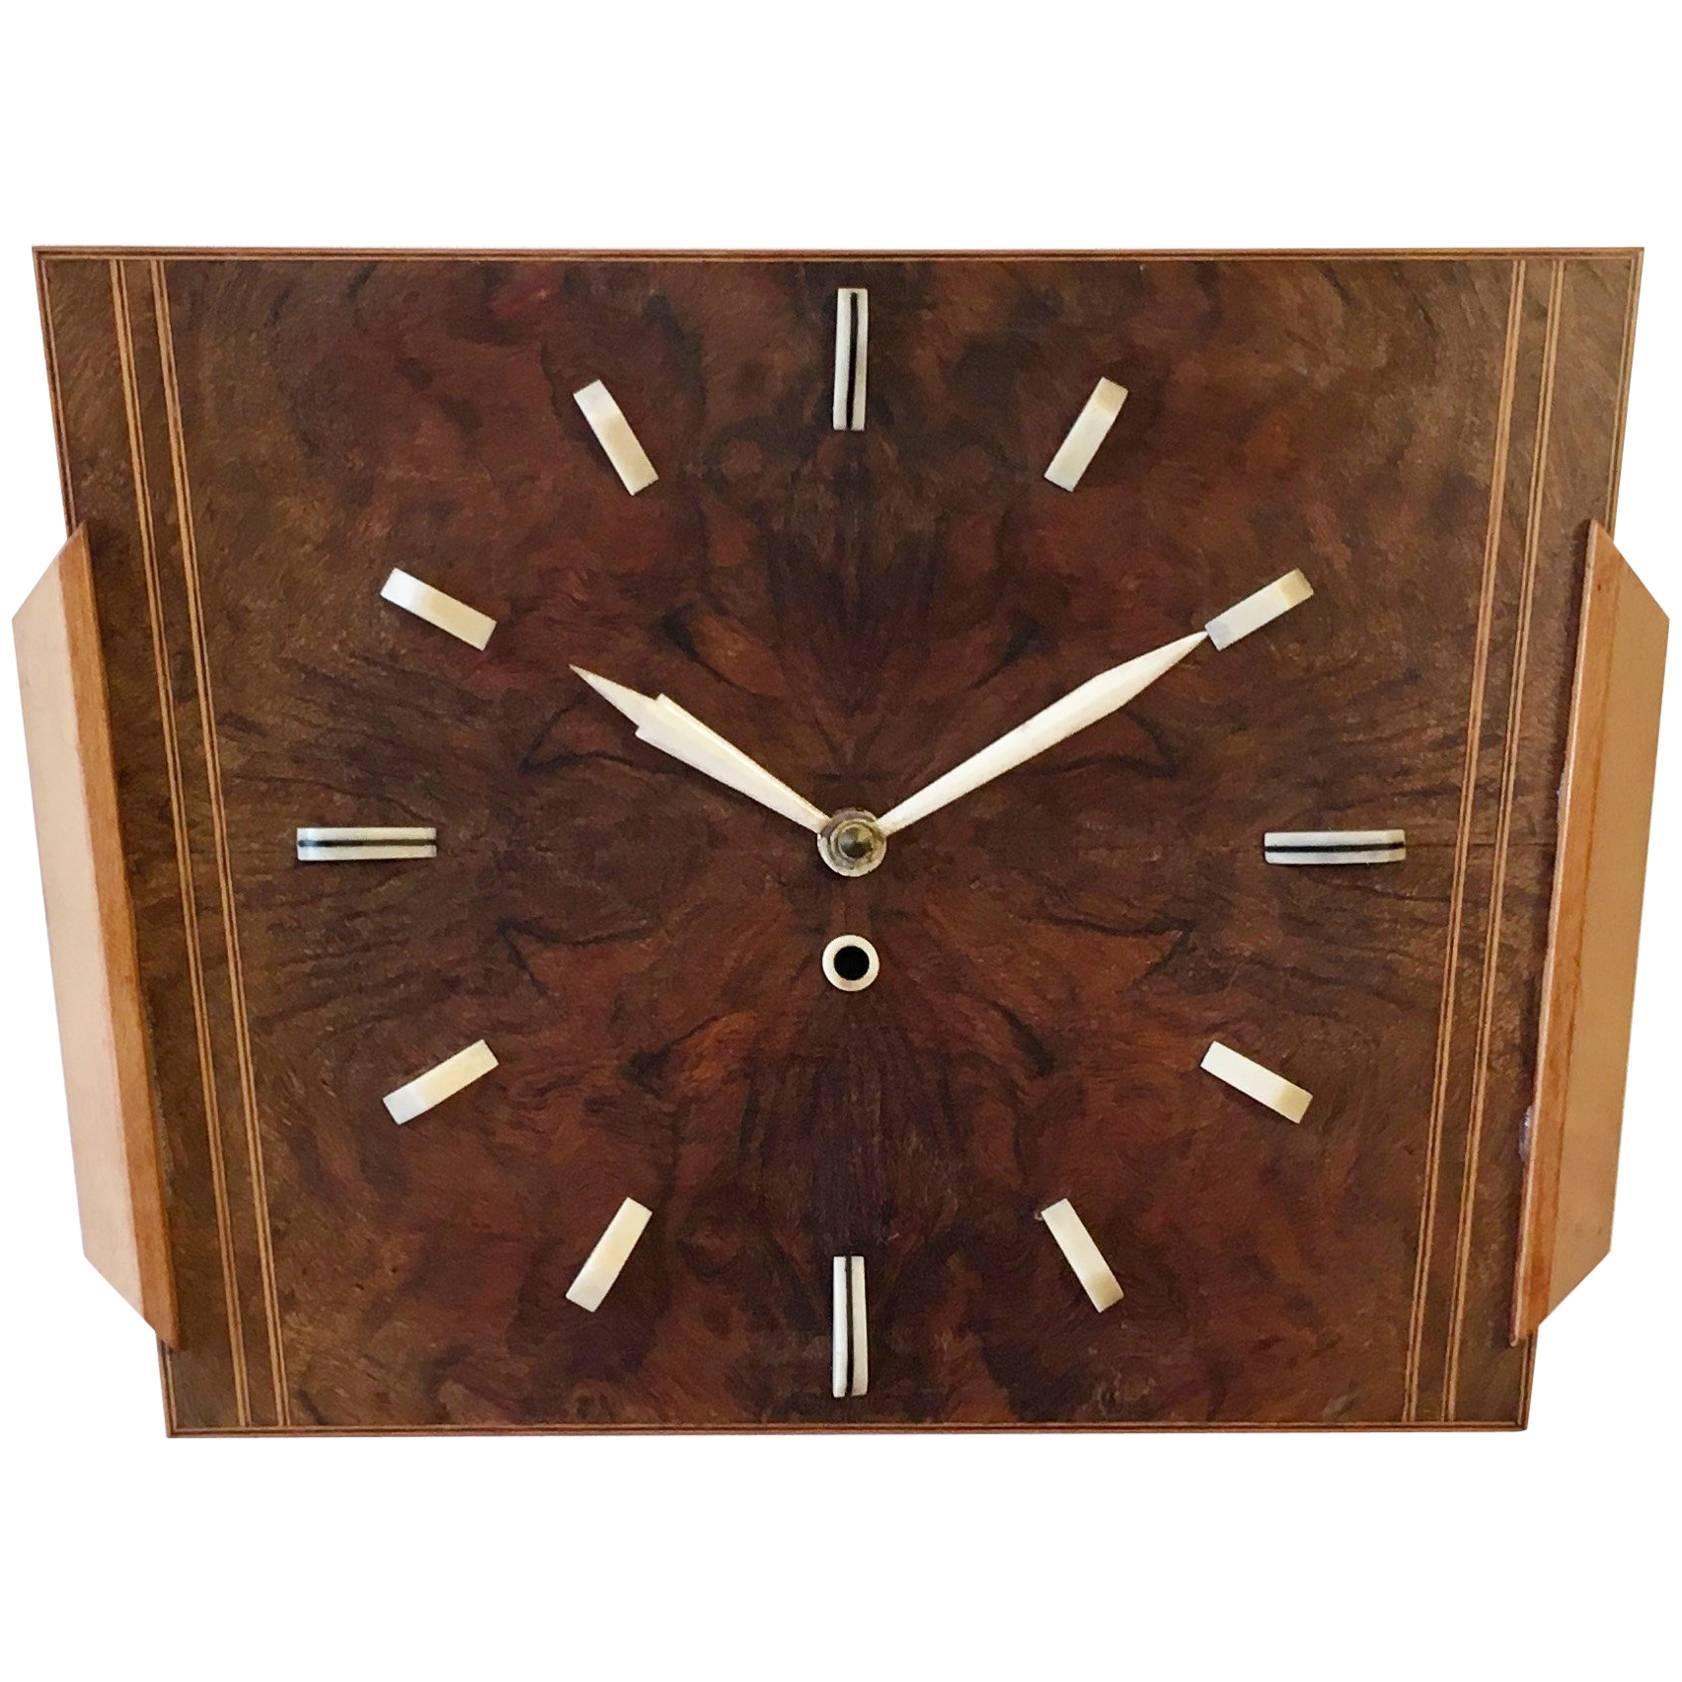 Art Deco Wooden Wall Clock